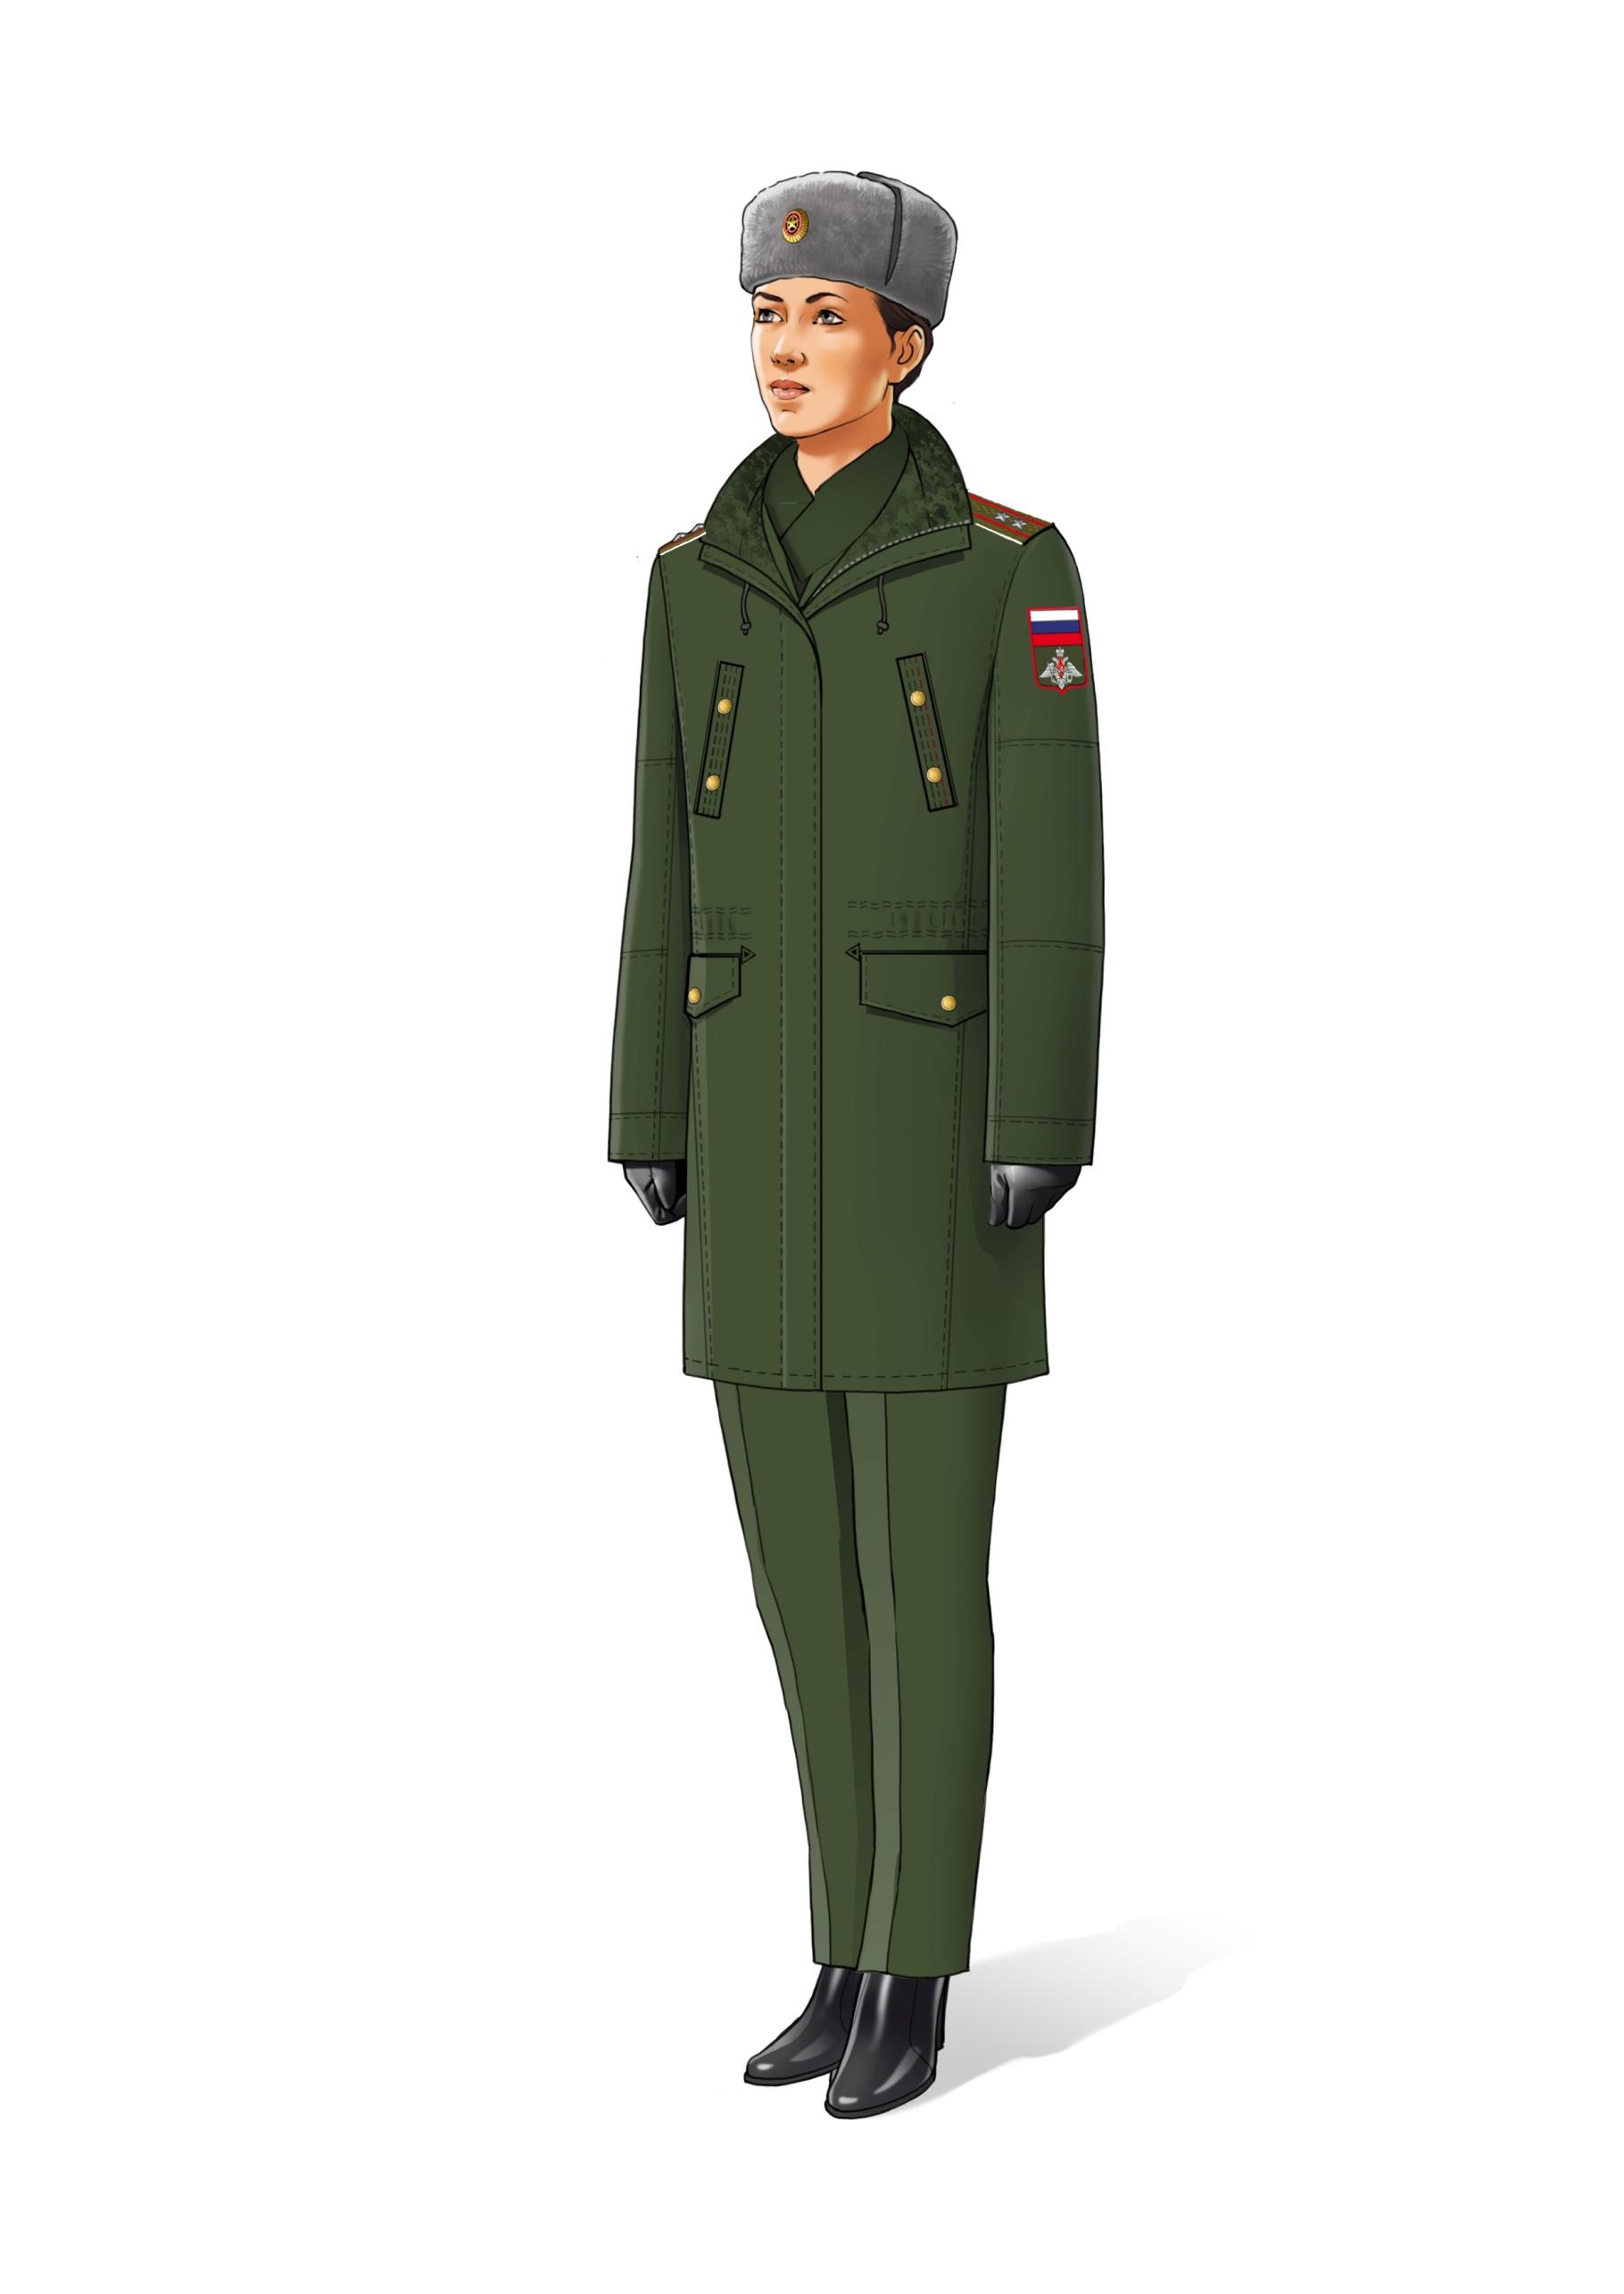 общем, хорошая весенняя форма одежды военнослужащих фото она